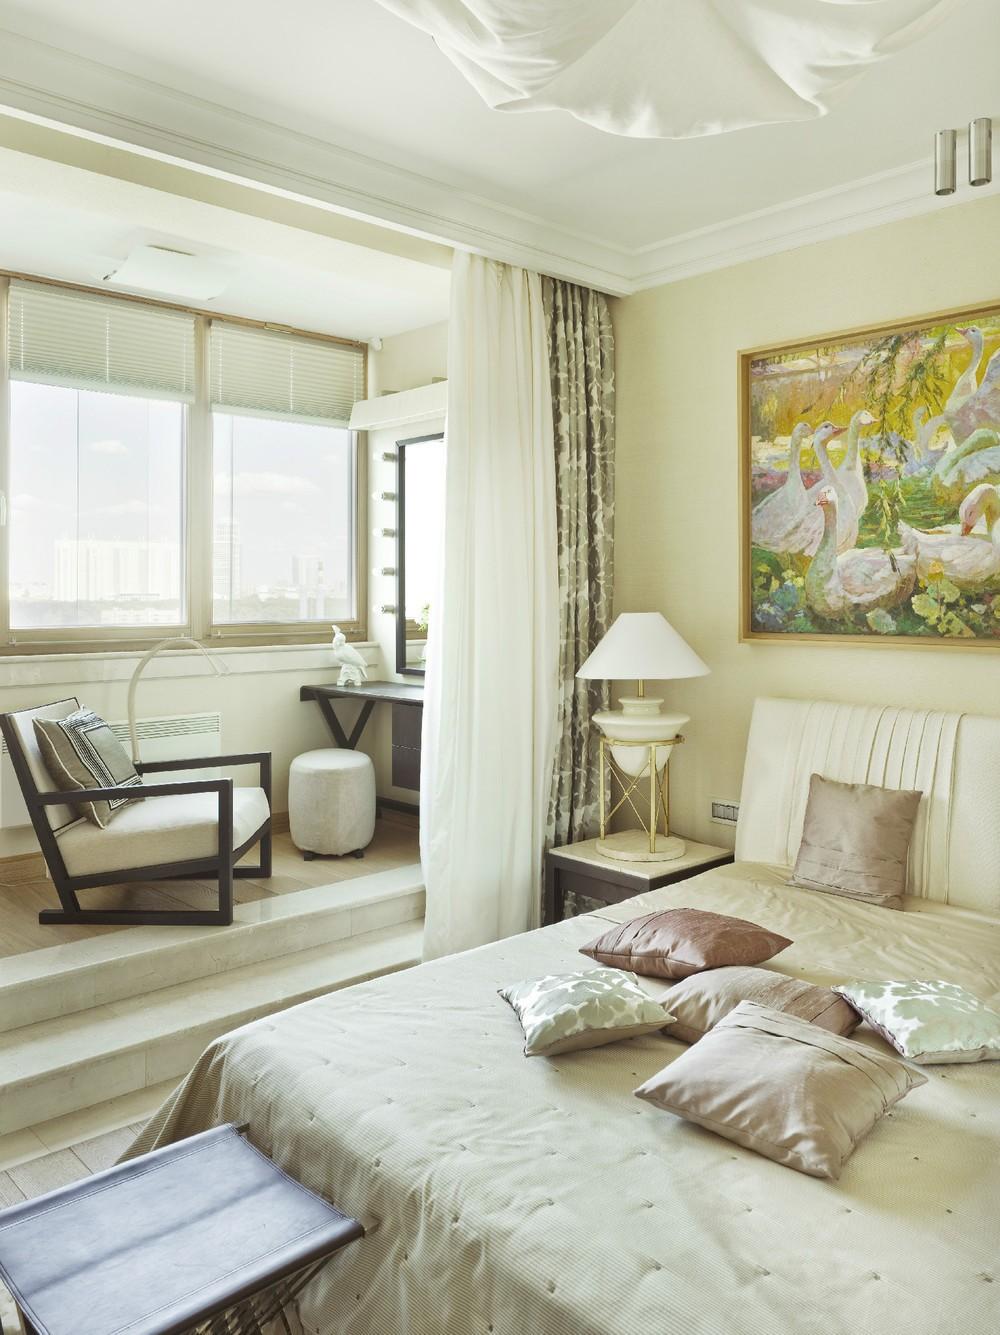 преимущества объединенной спальни с балконом